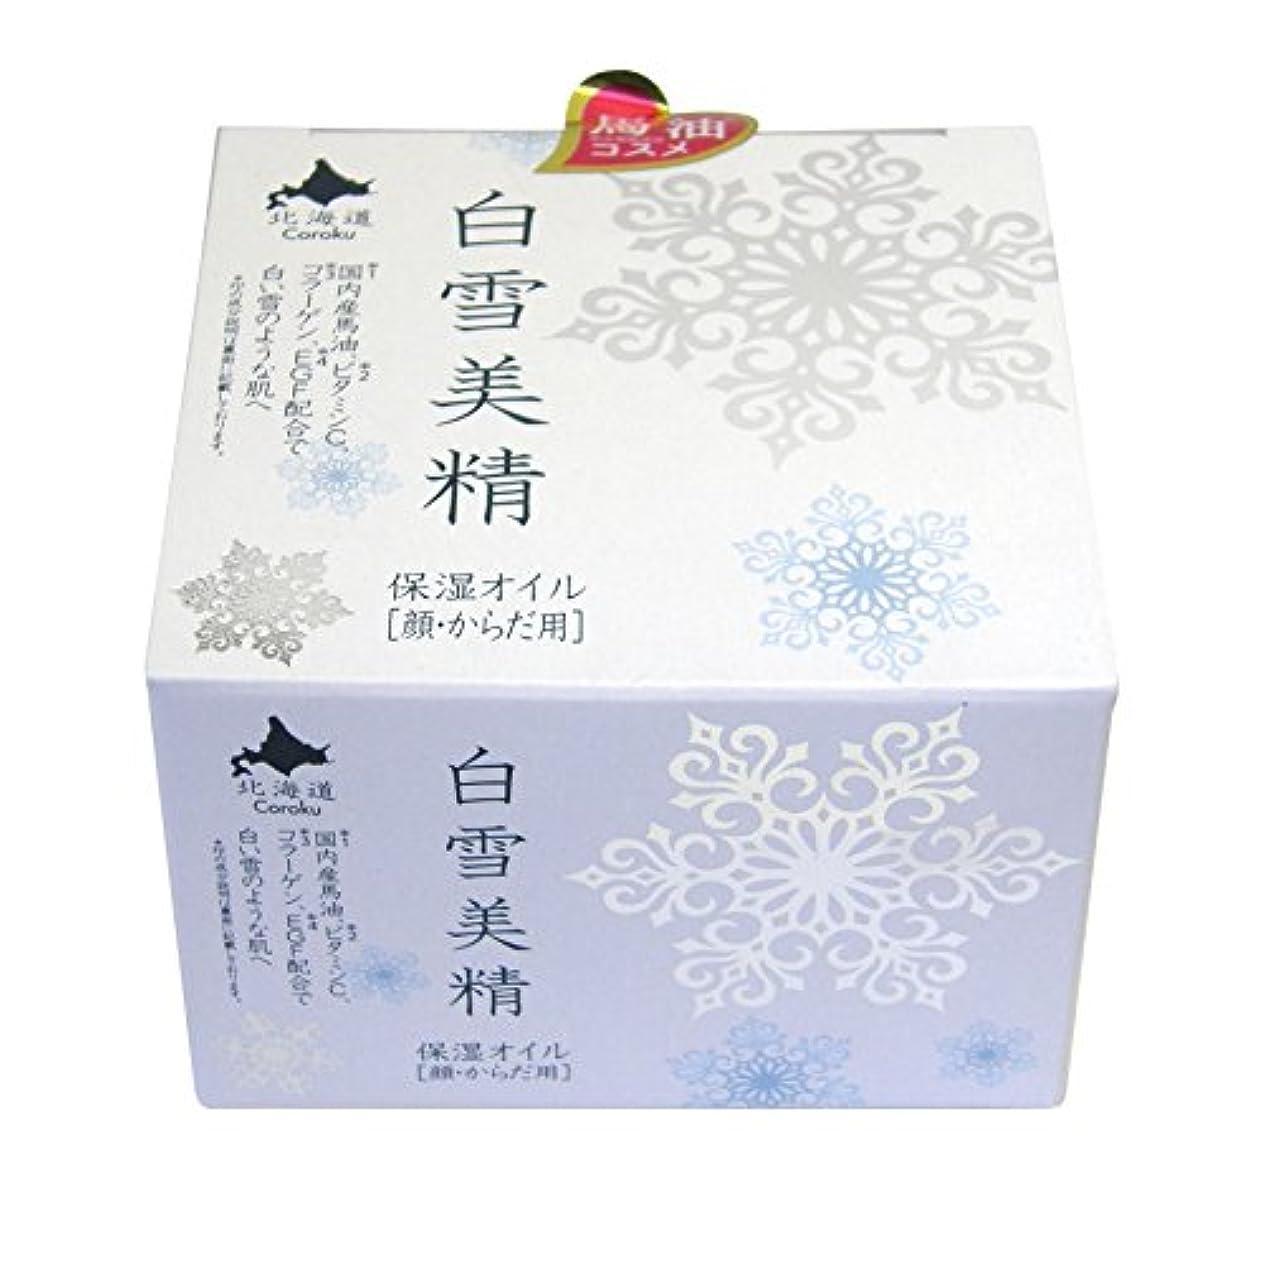 瞑想クラウン地球Coroku 白雪美精保湿オイル(顔?からだ用) 100ml